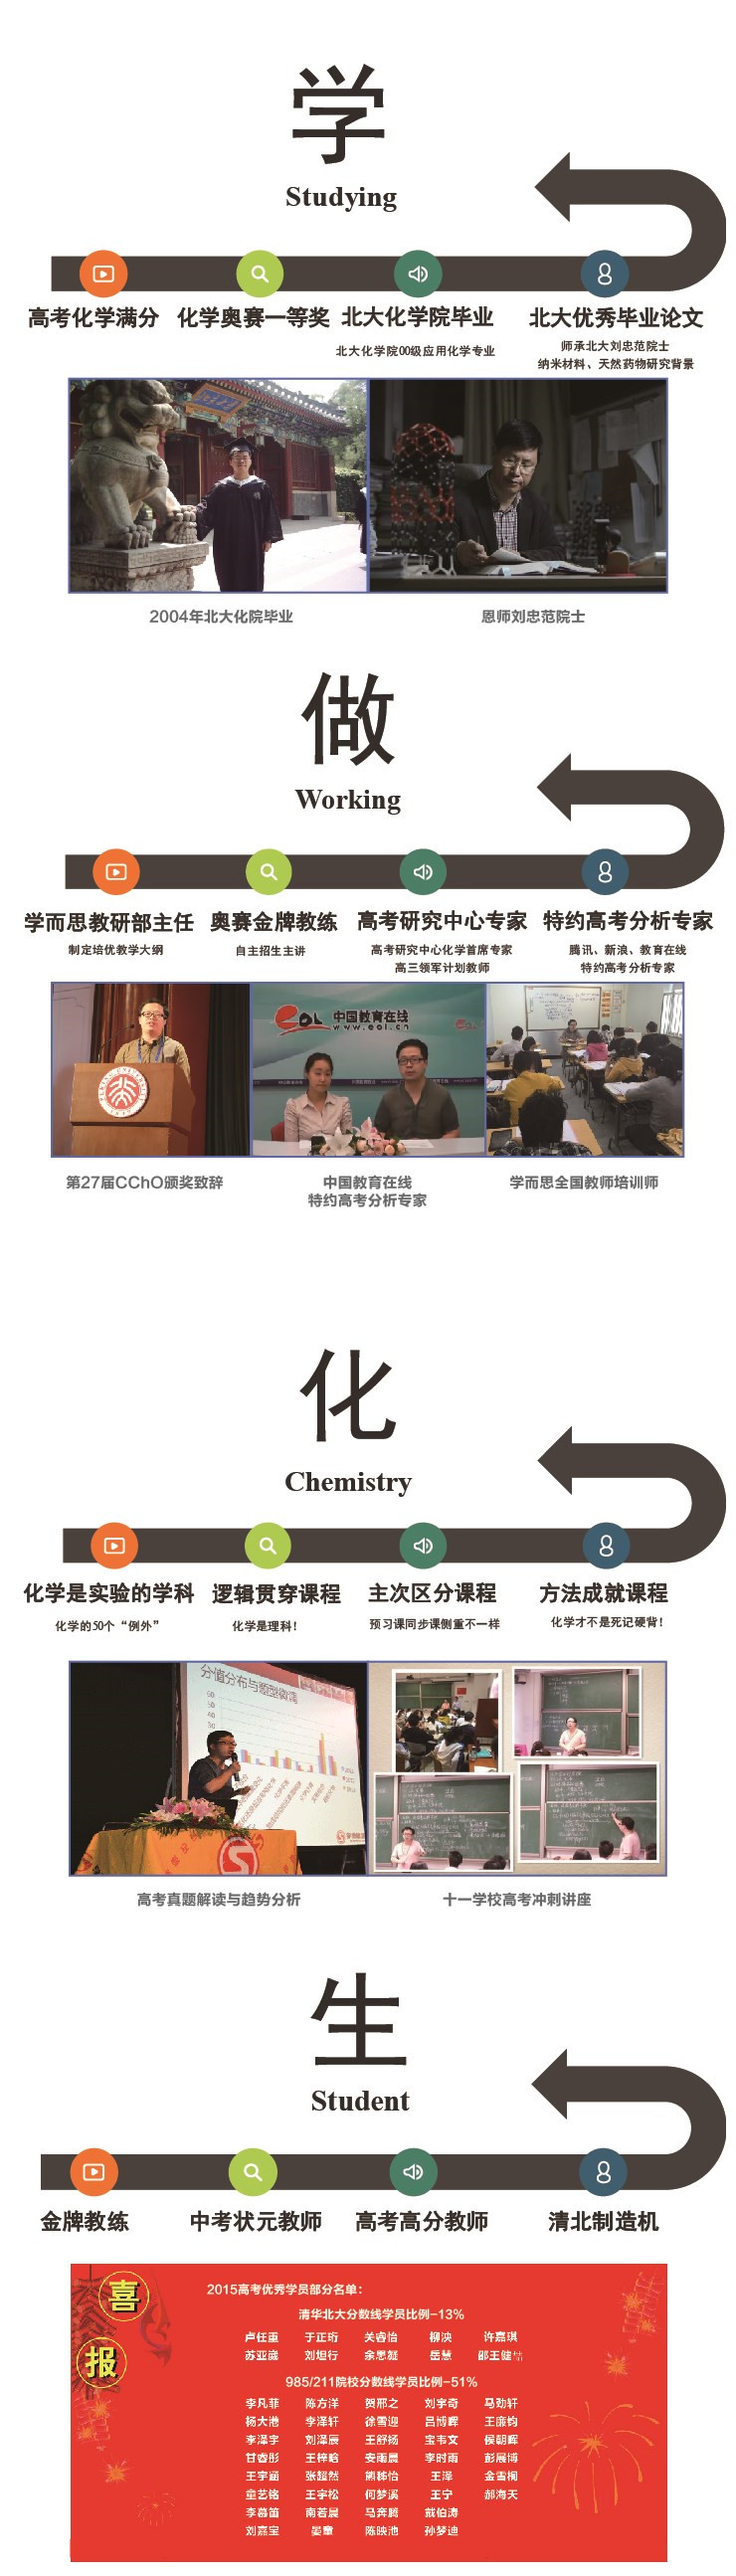 【学而思网校-高中化学全套-名师郑瑞】学而思高一化学必修1必修2高二化学选修3选修4选修5高三化学高中化学高考化学(人教版,共85G、共458讲)免费下载免费试看